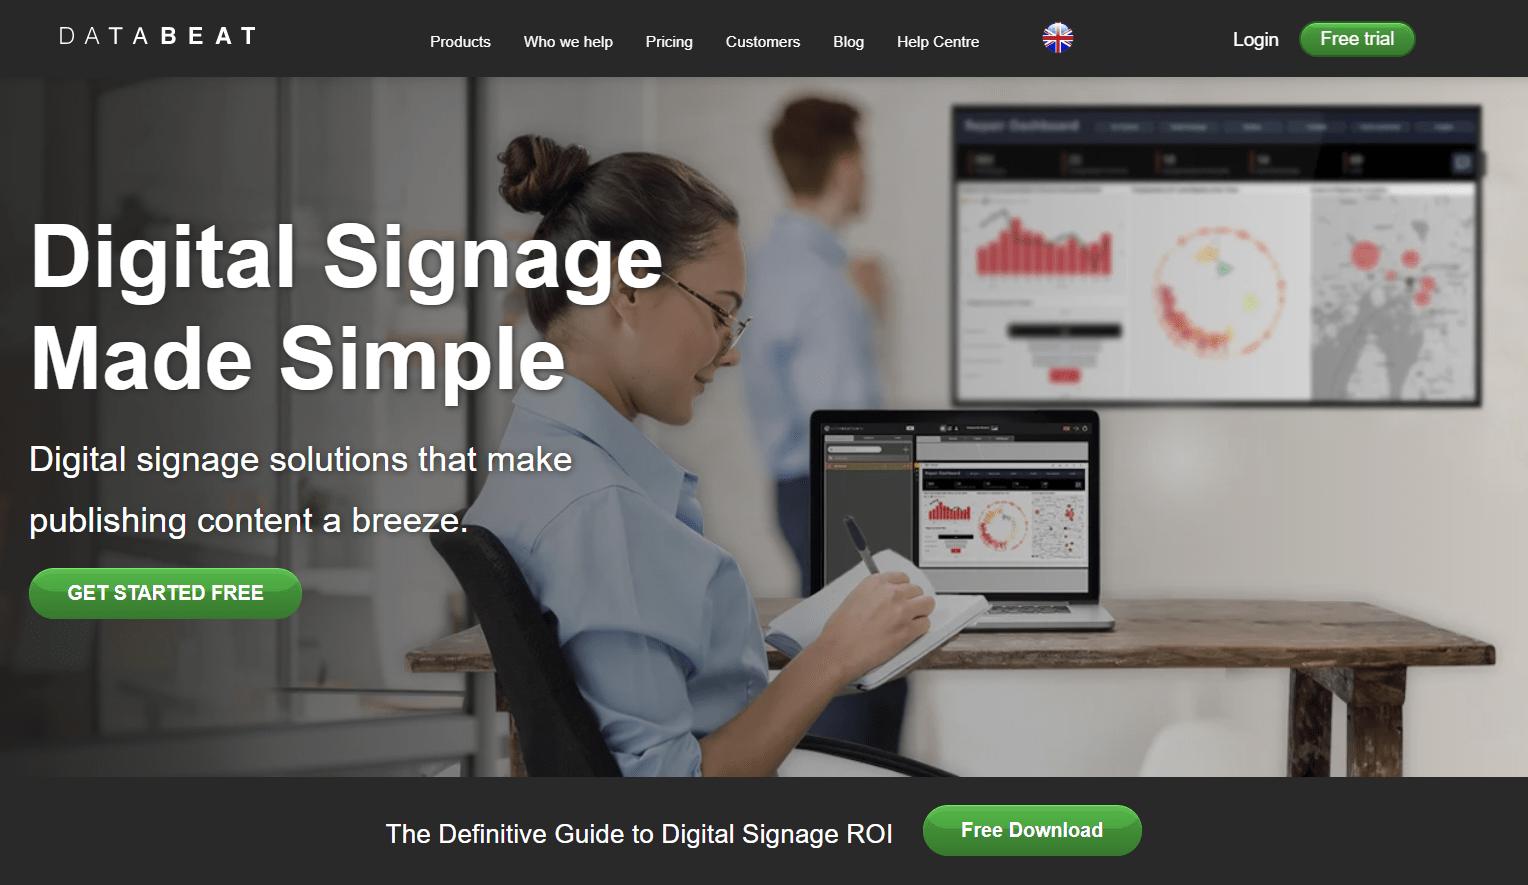 databeat homepage